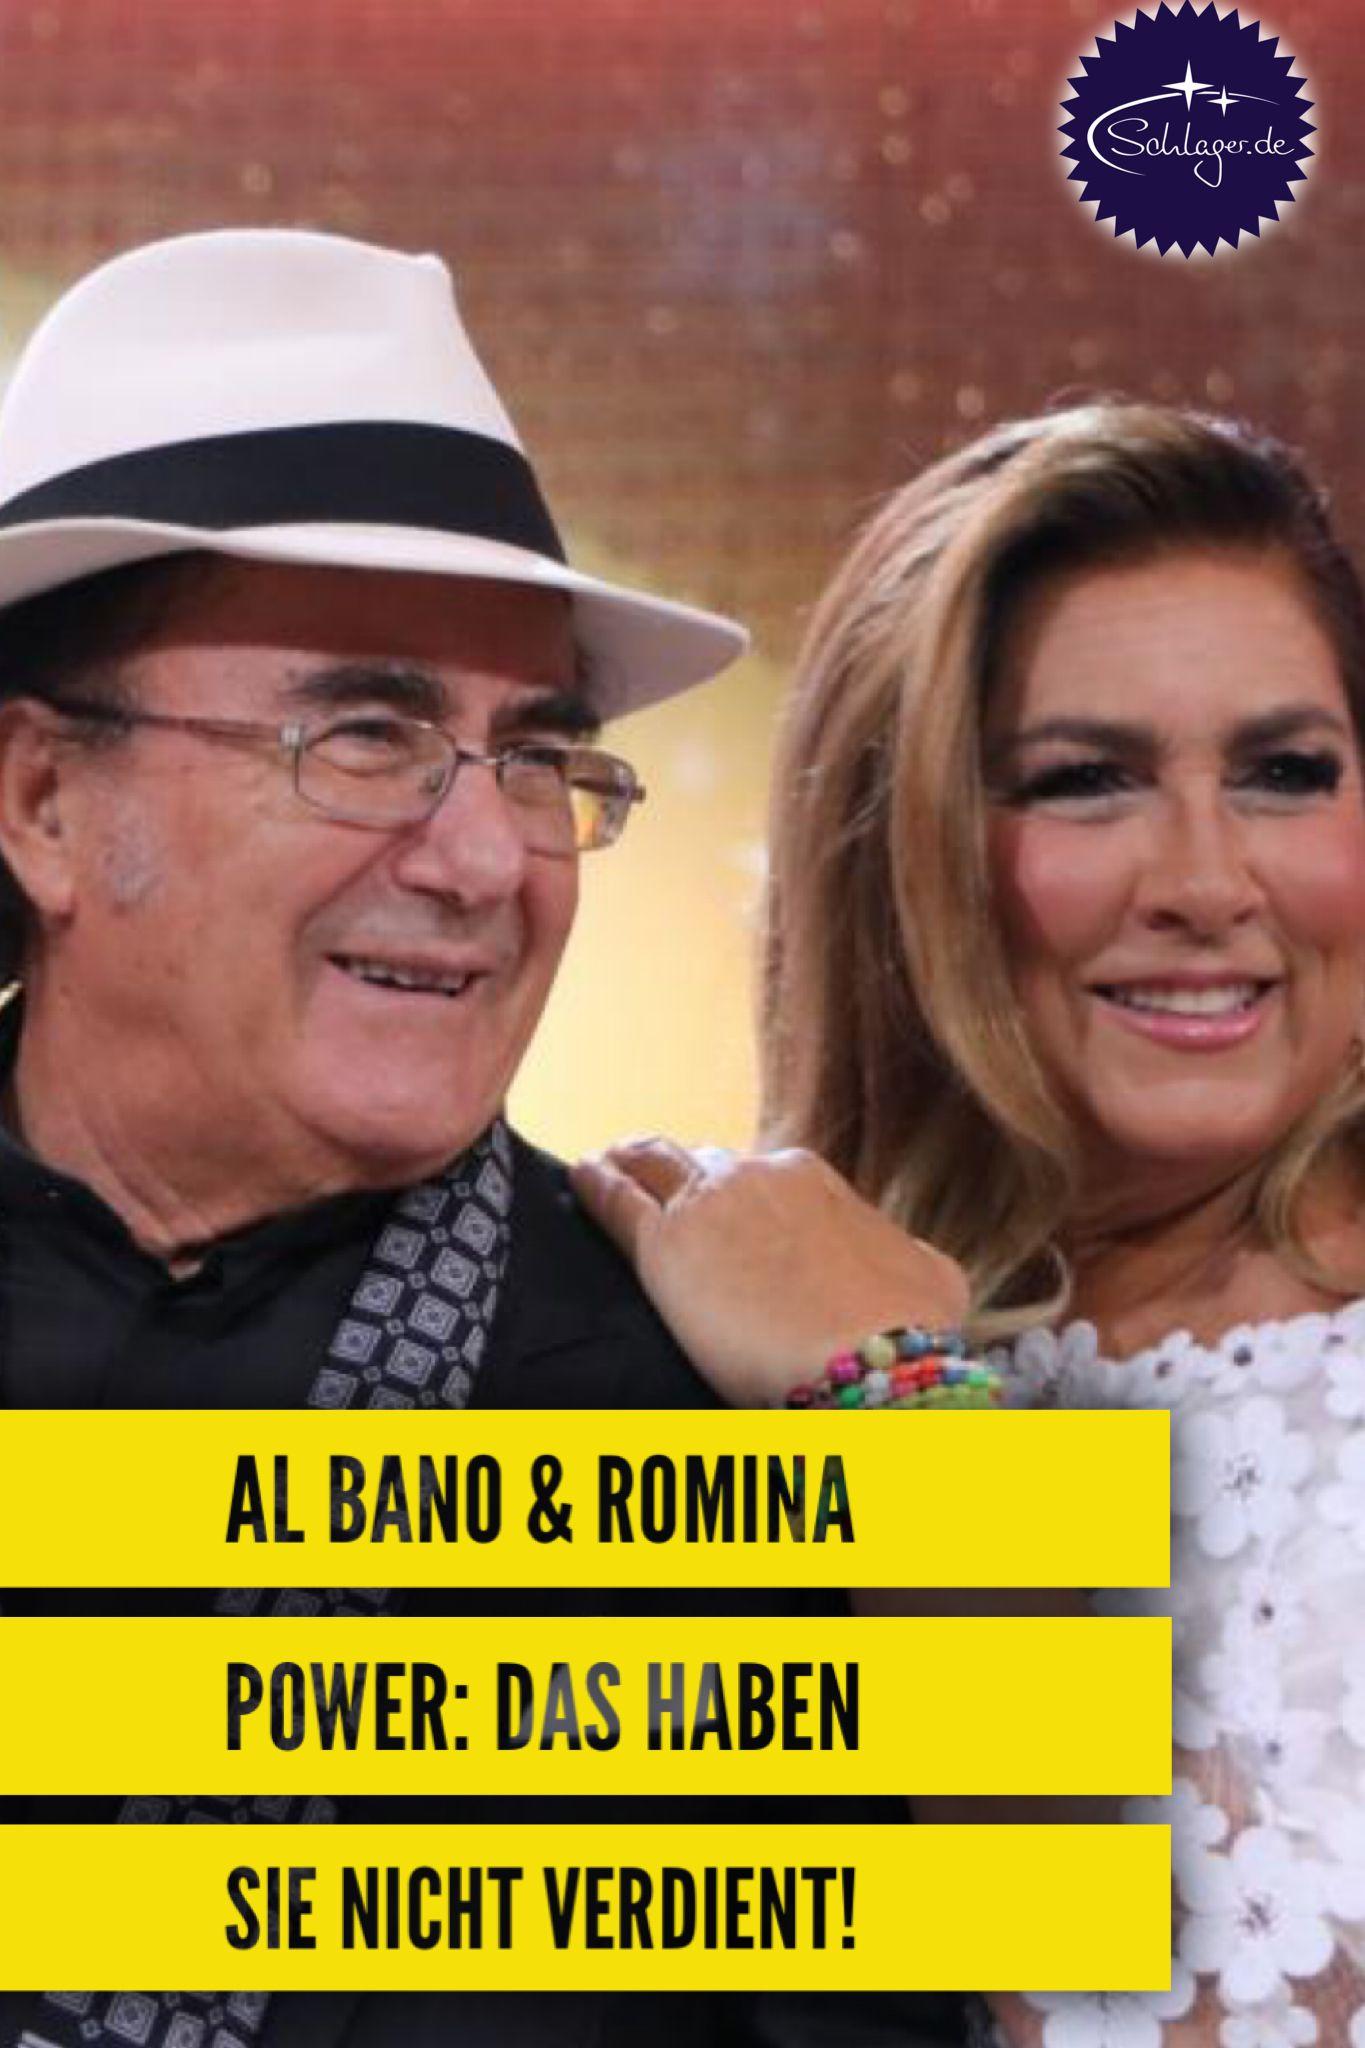 Al Bano Und Romina Power Mieses Spiel Mit Ihrem Guten Namen